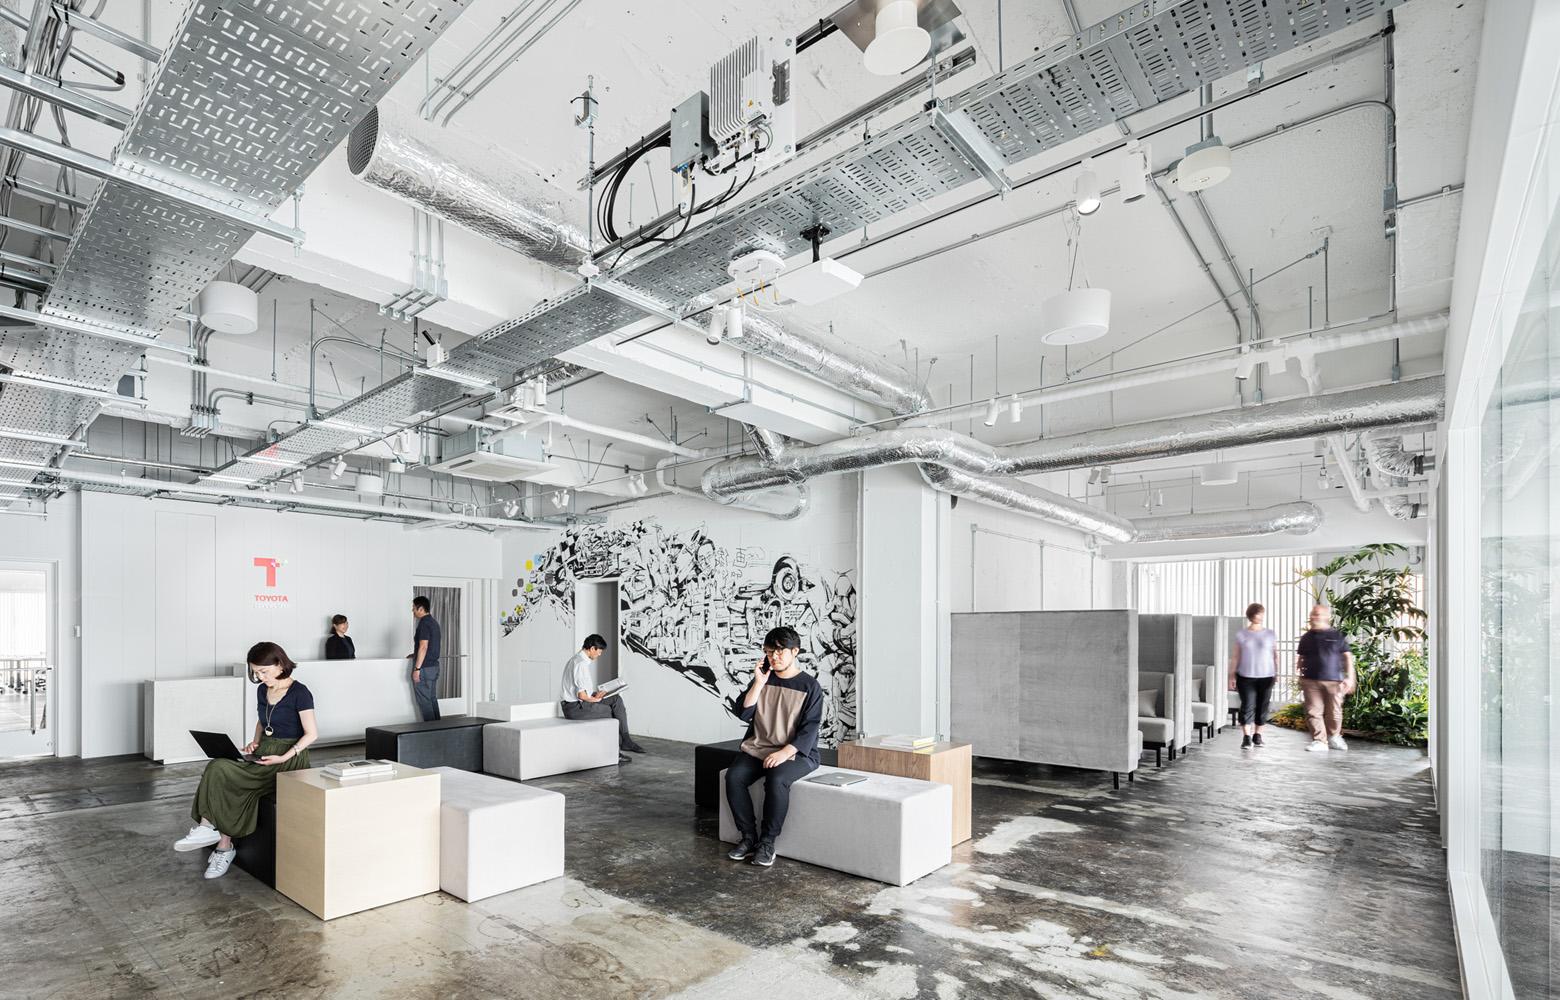 トヨタコネクティッド株式会社 Entrance Lounge デザイン・レイアウト事例